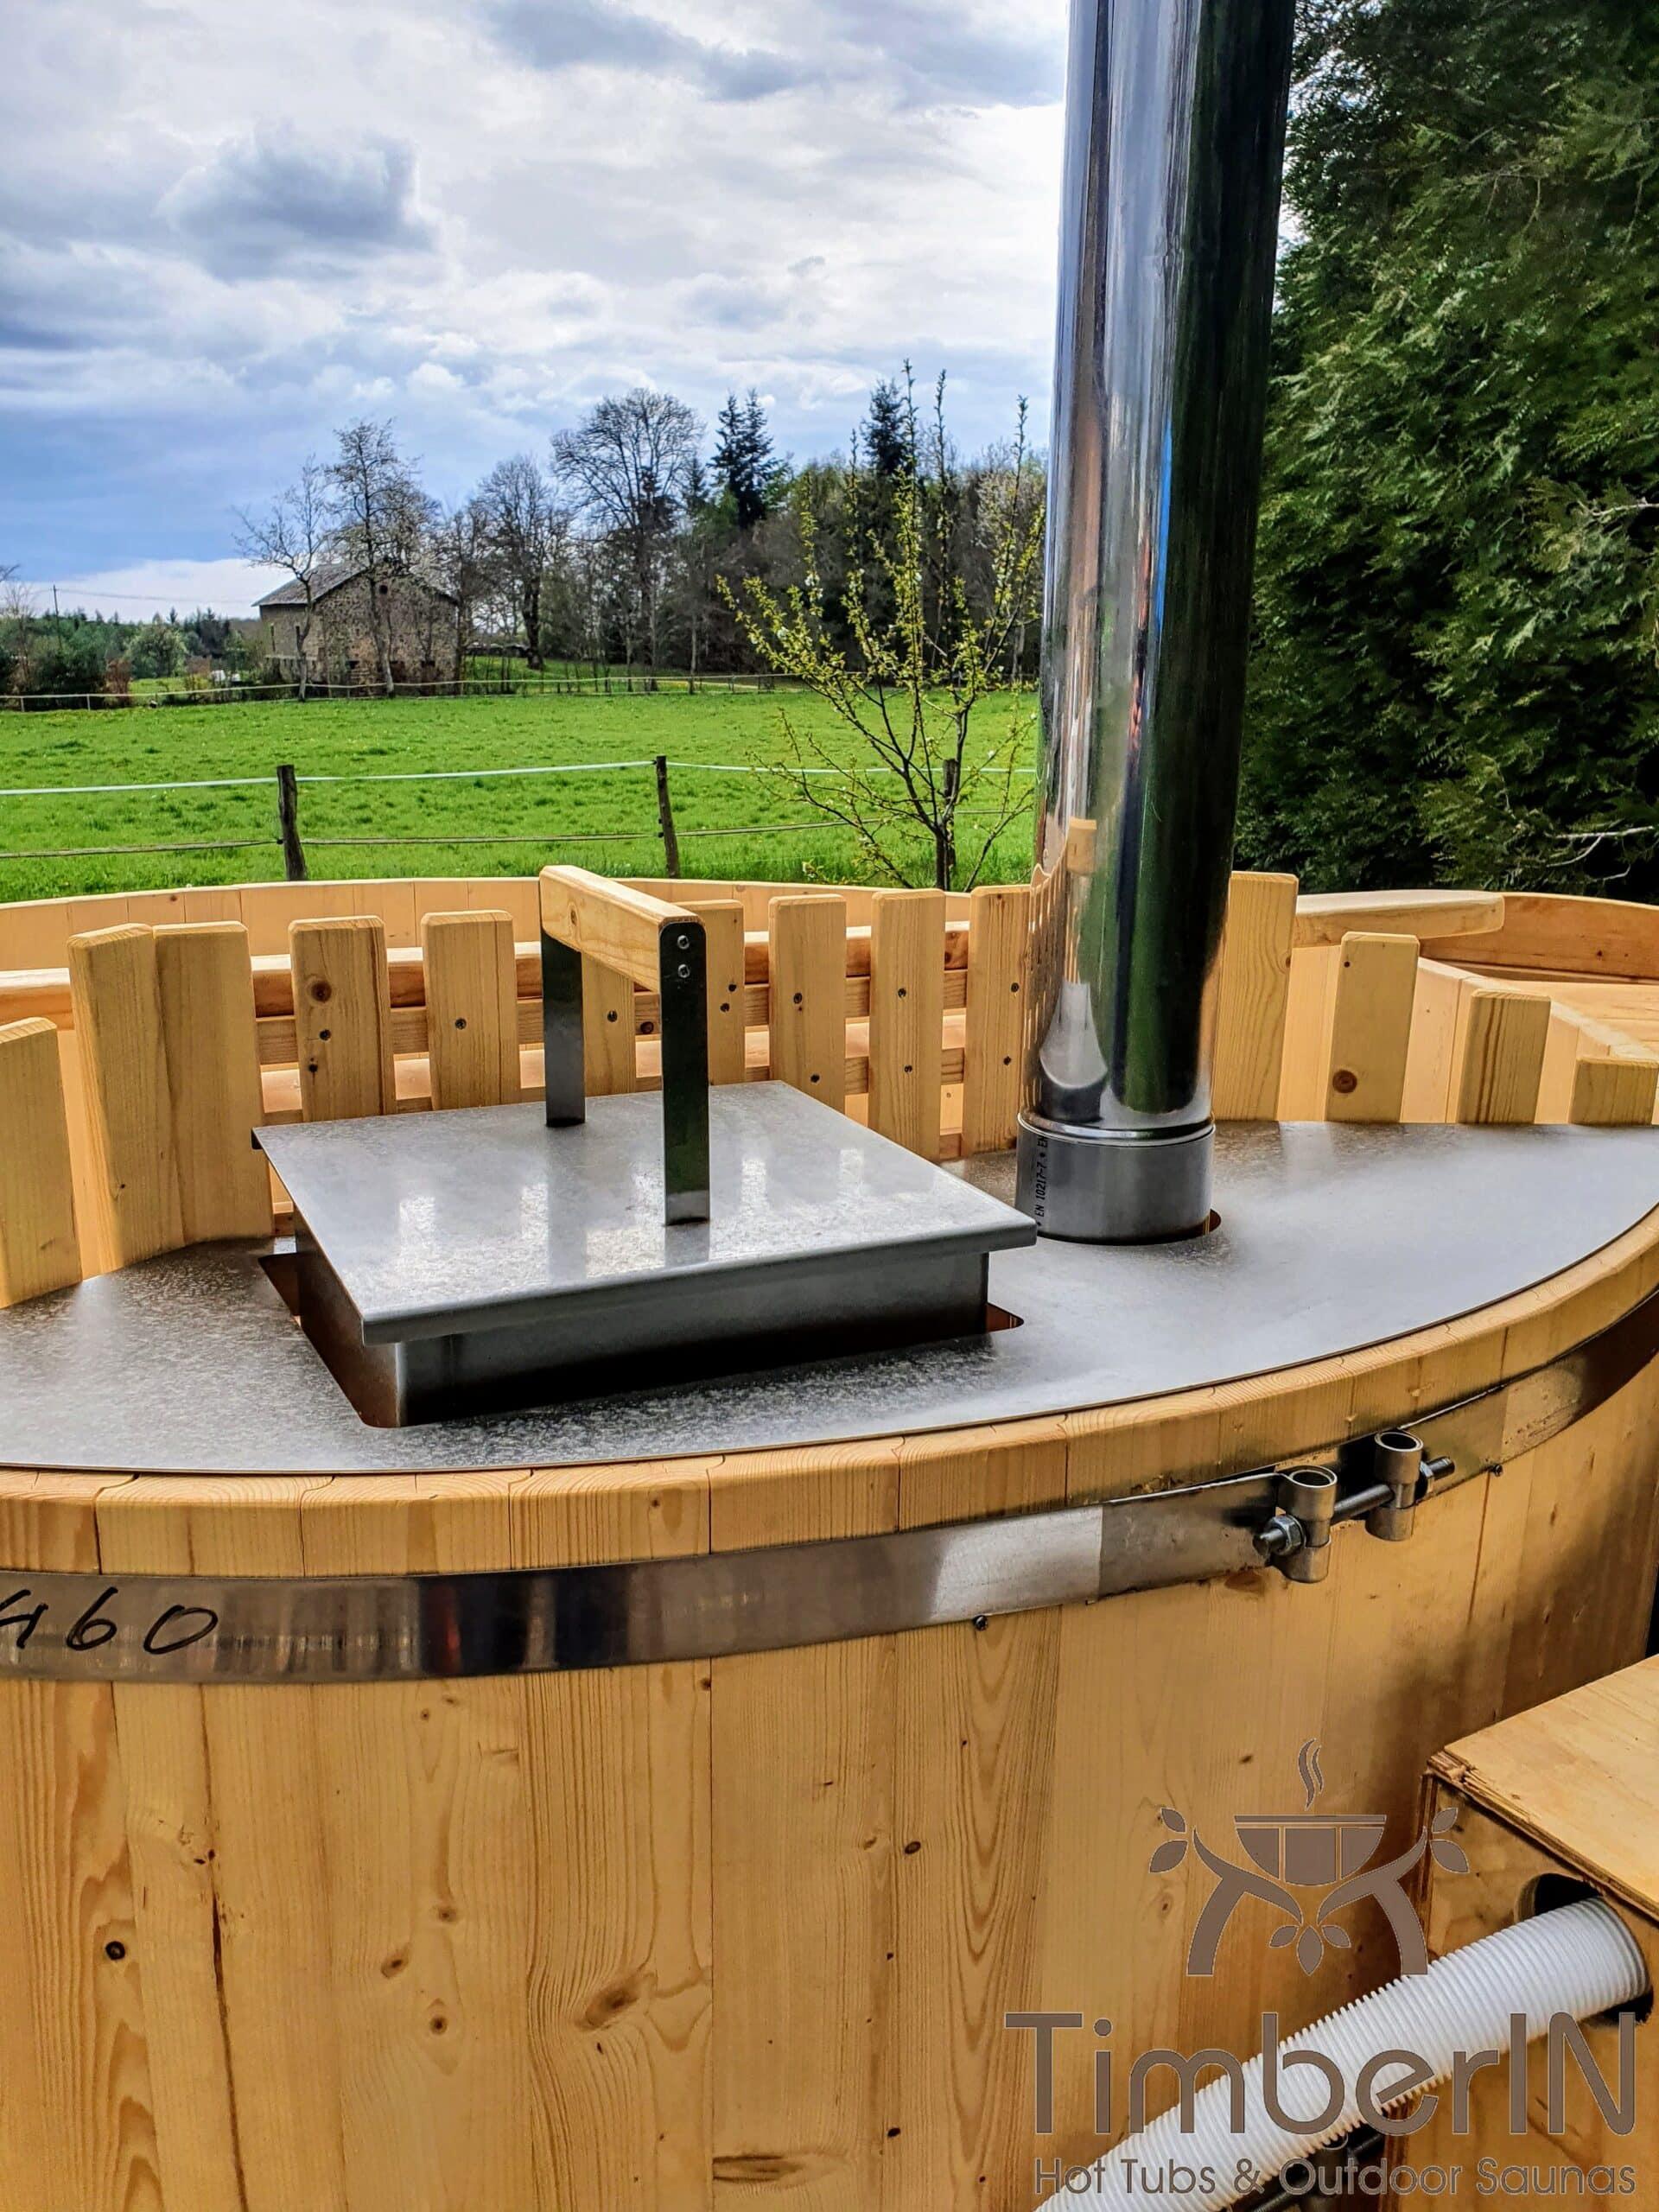 Badebottich aus Holz guenstiges Modell 3 1 scaled